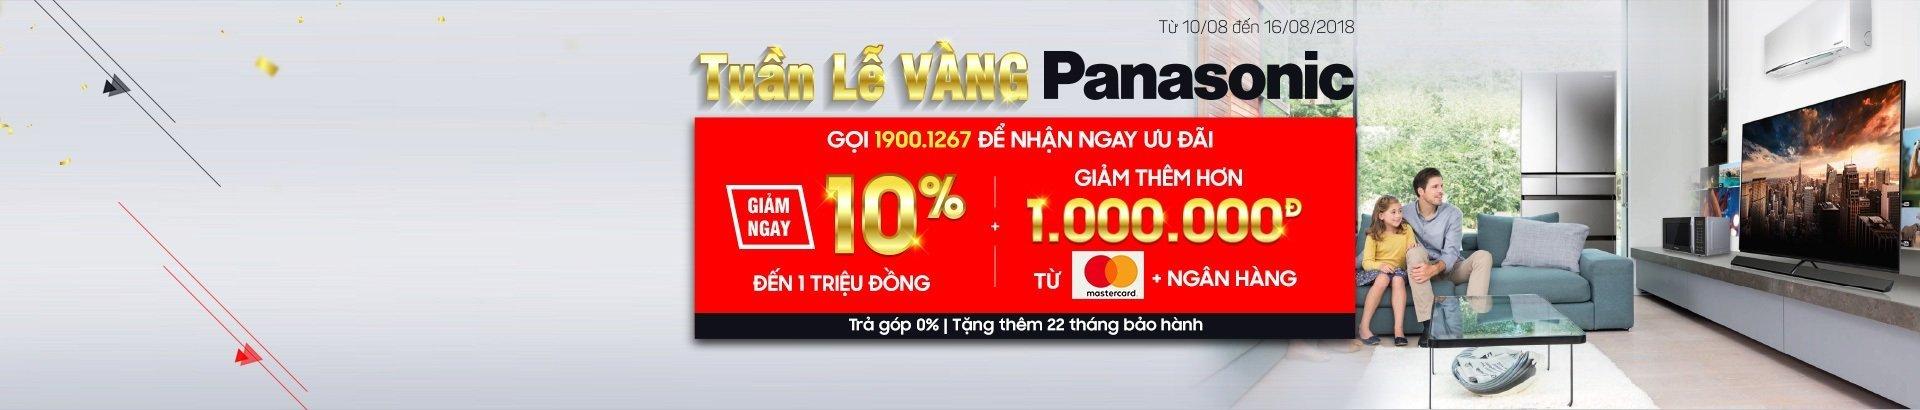 Tuần lễ vàng<br/> Panasonic ưu đãi